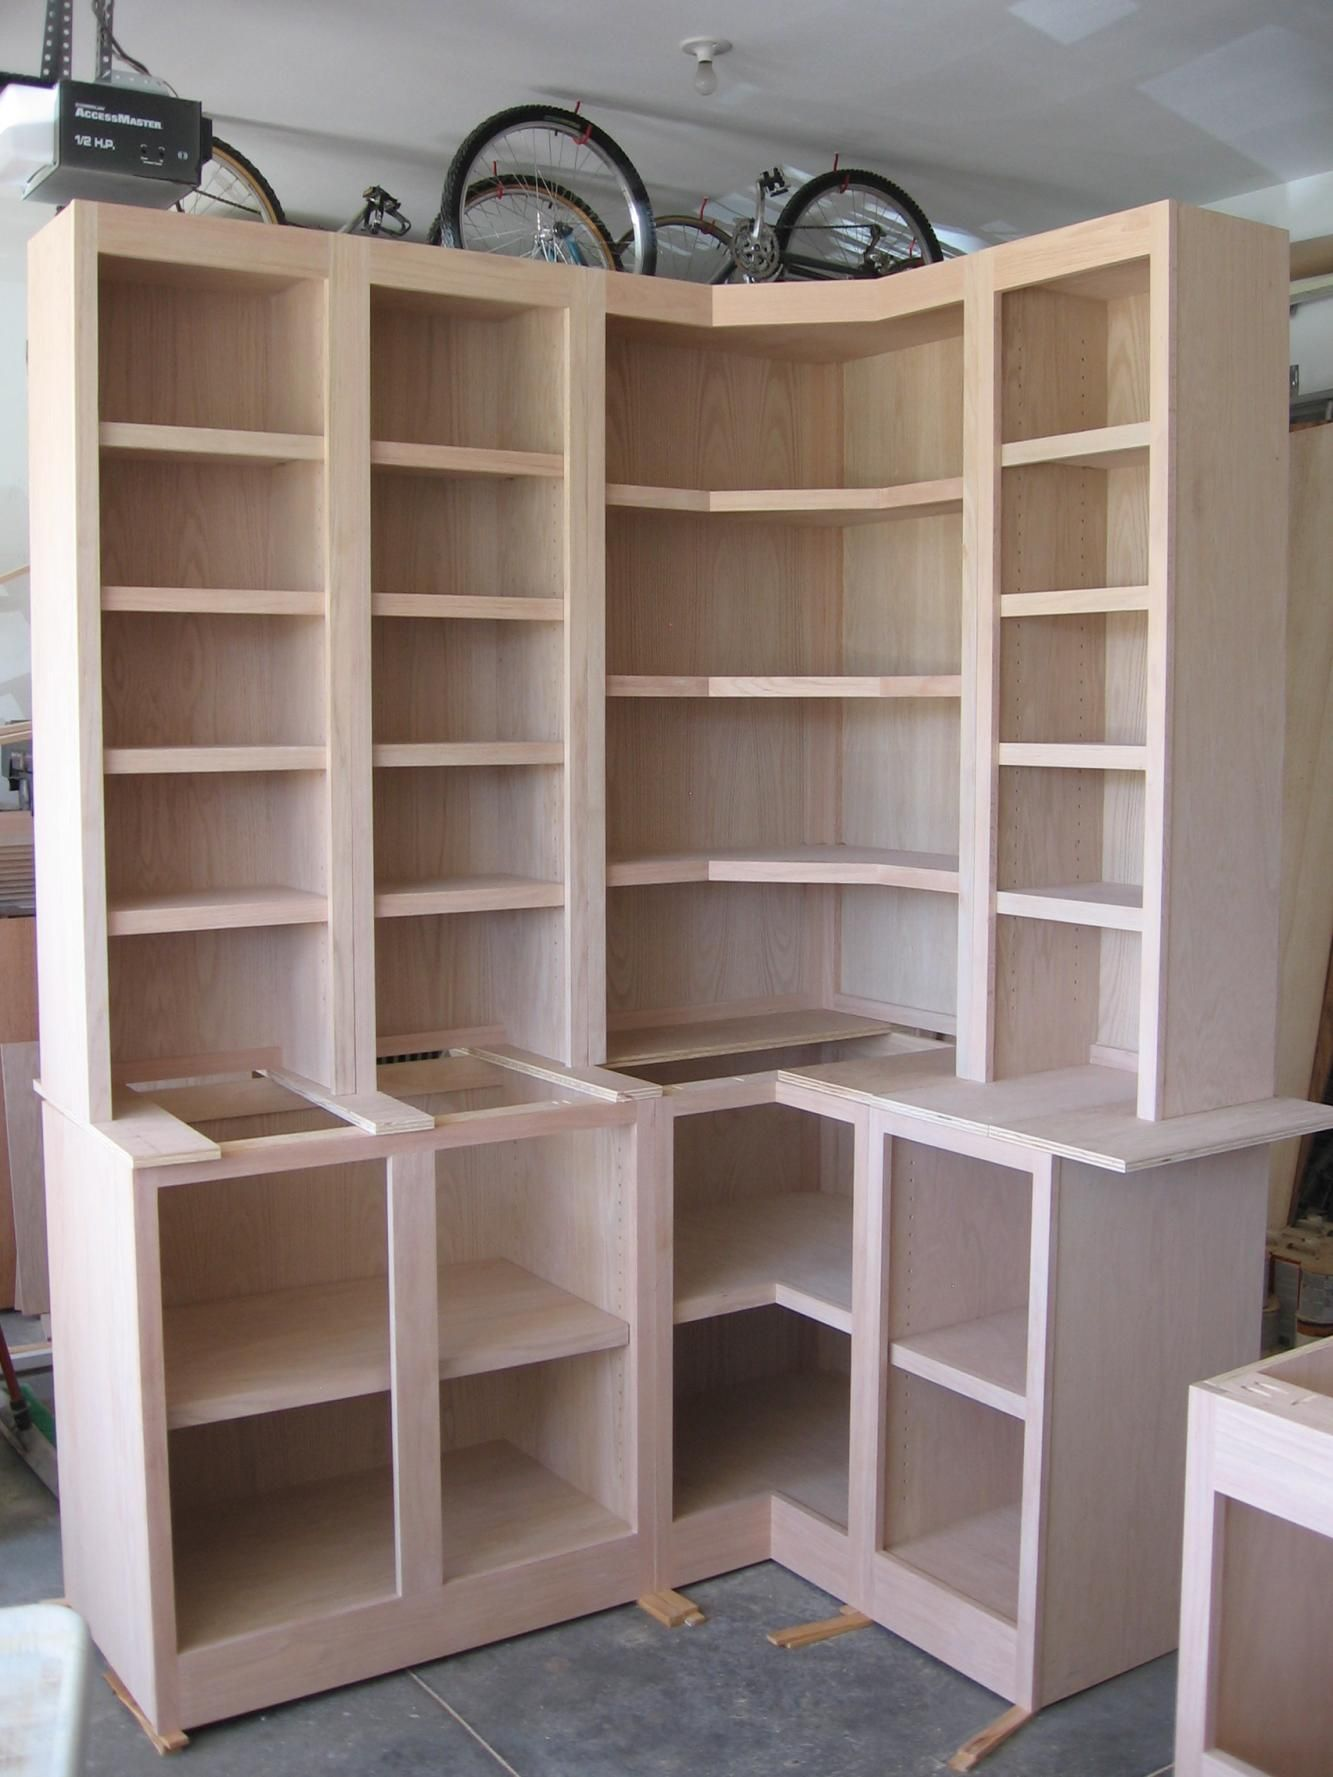 Corner Cabinets W/Bookcases